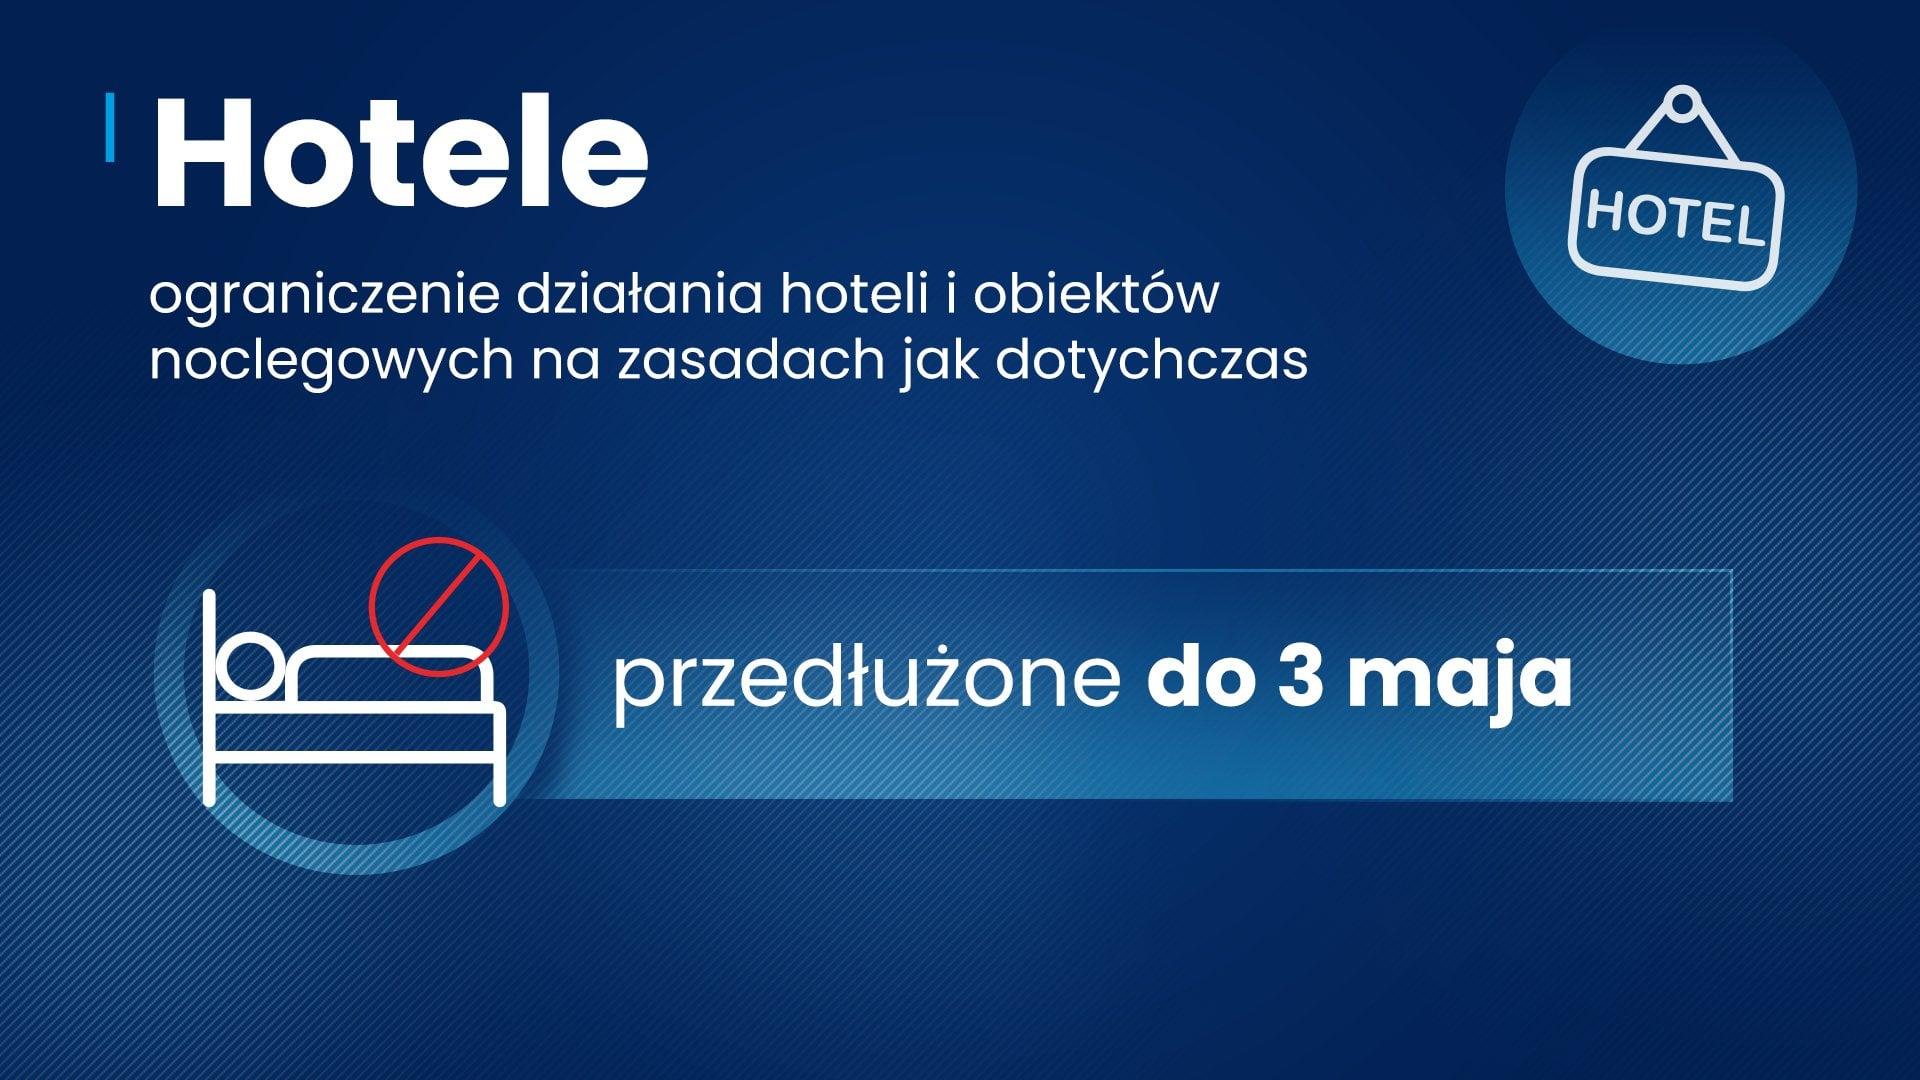 https://m.powiatszczycienski.pl/2021/04/orig/173467039-4167617873294292-506722503832698030-n-39624.jpg